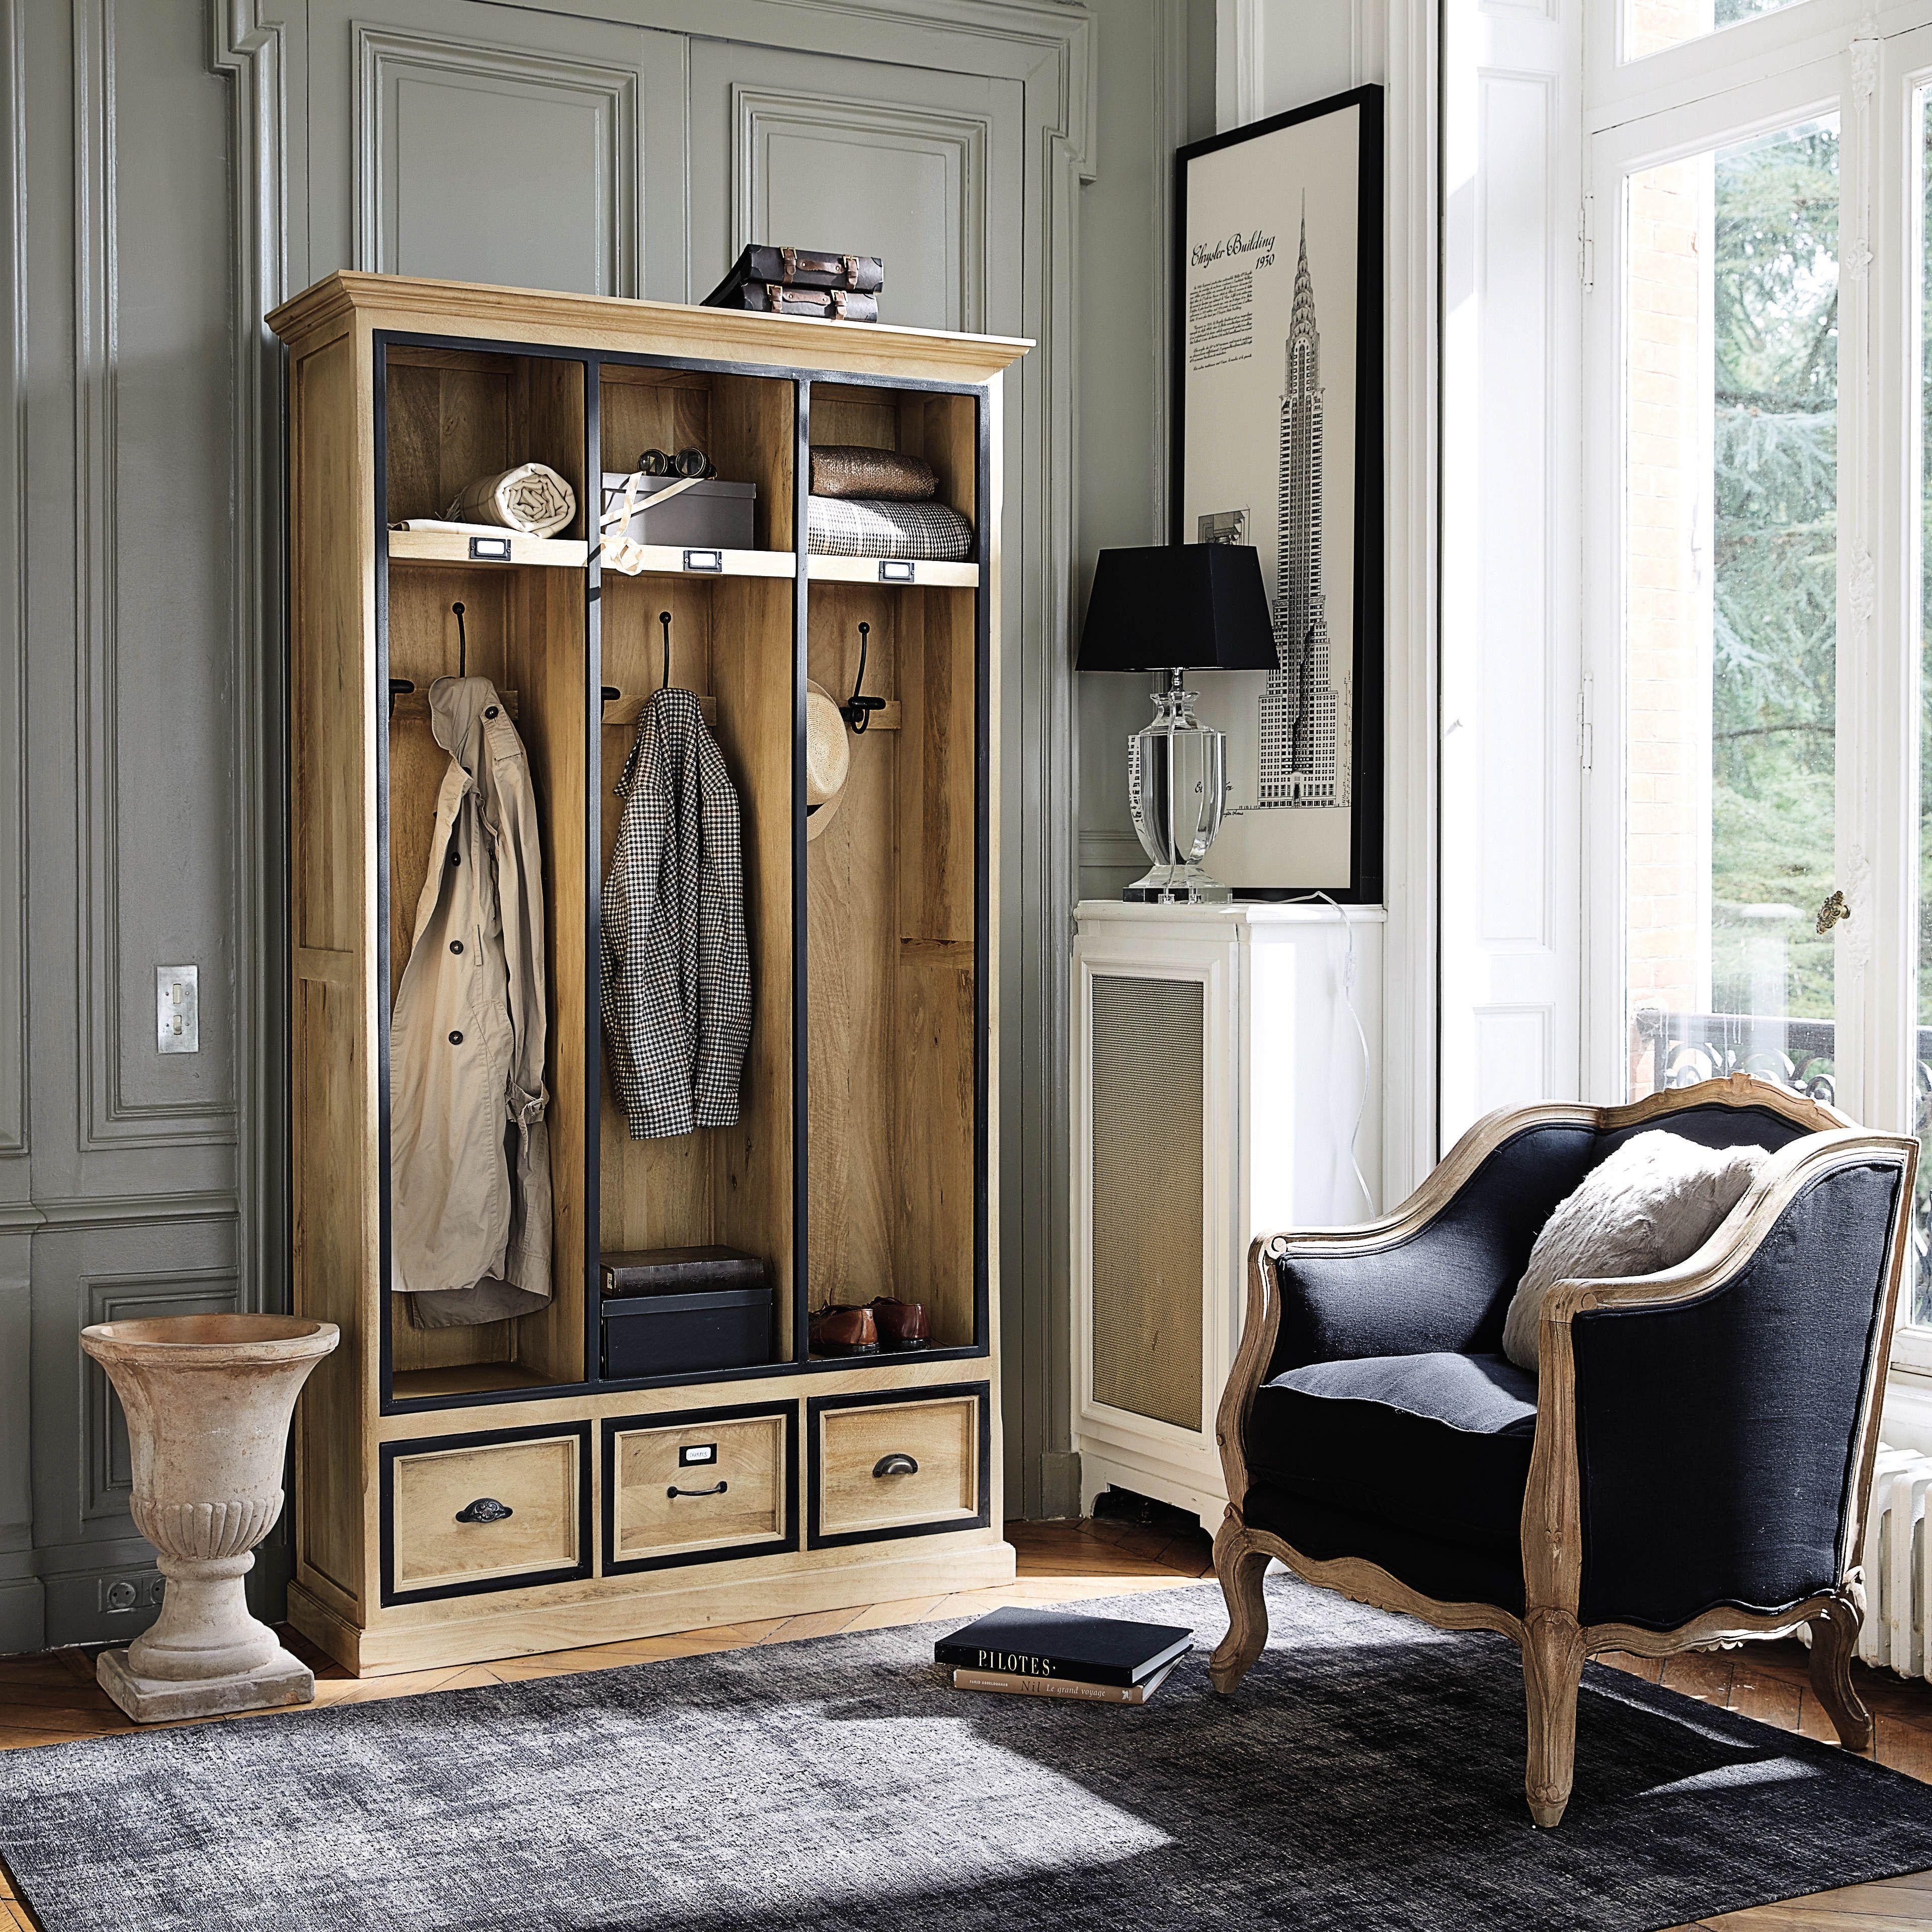 meuble d 39 entr e avec 6 pat res en manguier massif l 120 cm pinterest pat re maison du monde. Black Bedroom Furniture Sets. Home Design Ideas